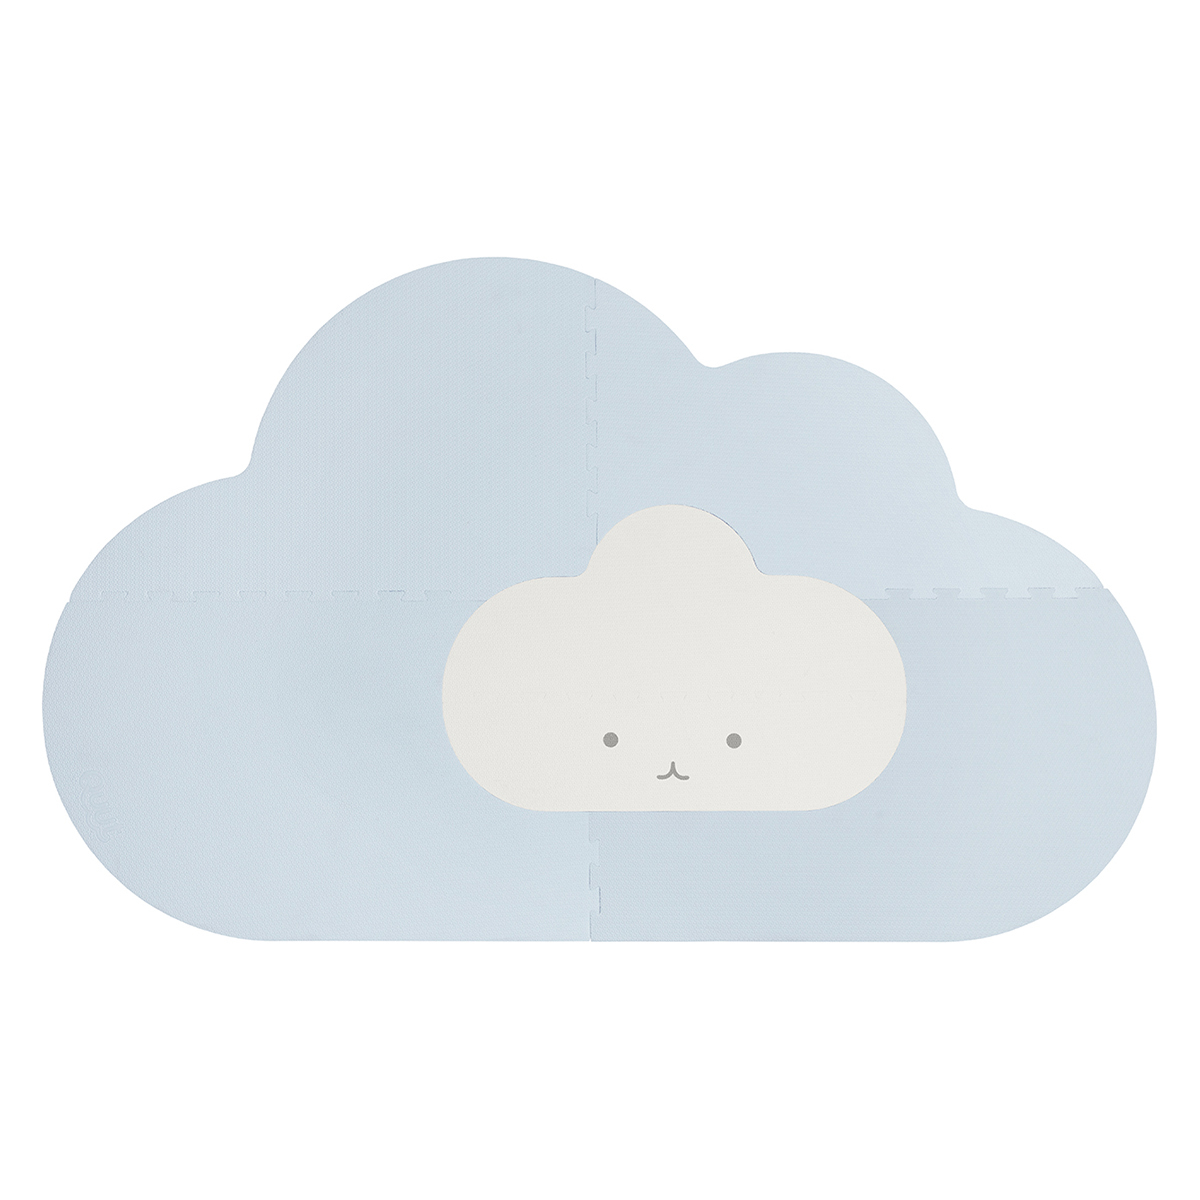 Tapis éveil Tapis Nuage Petit Modèle - Bleu Ciel Tapis Nuage Petit Modèle - Bleu Ciel